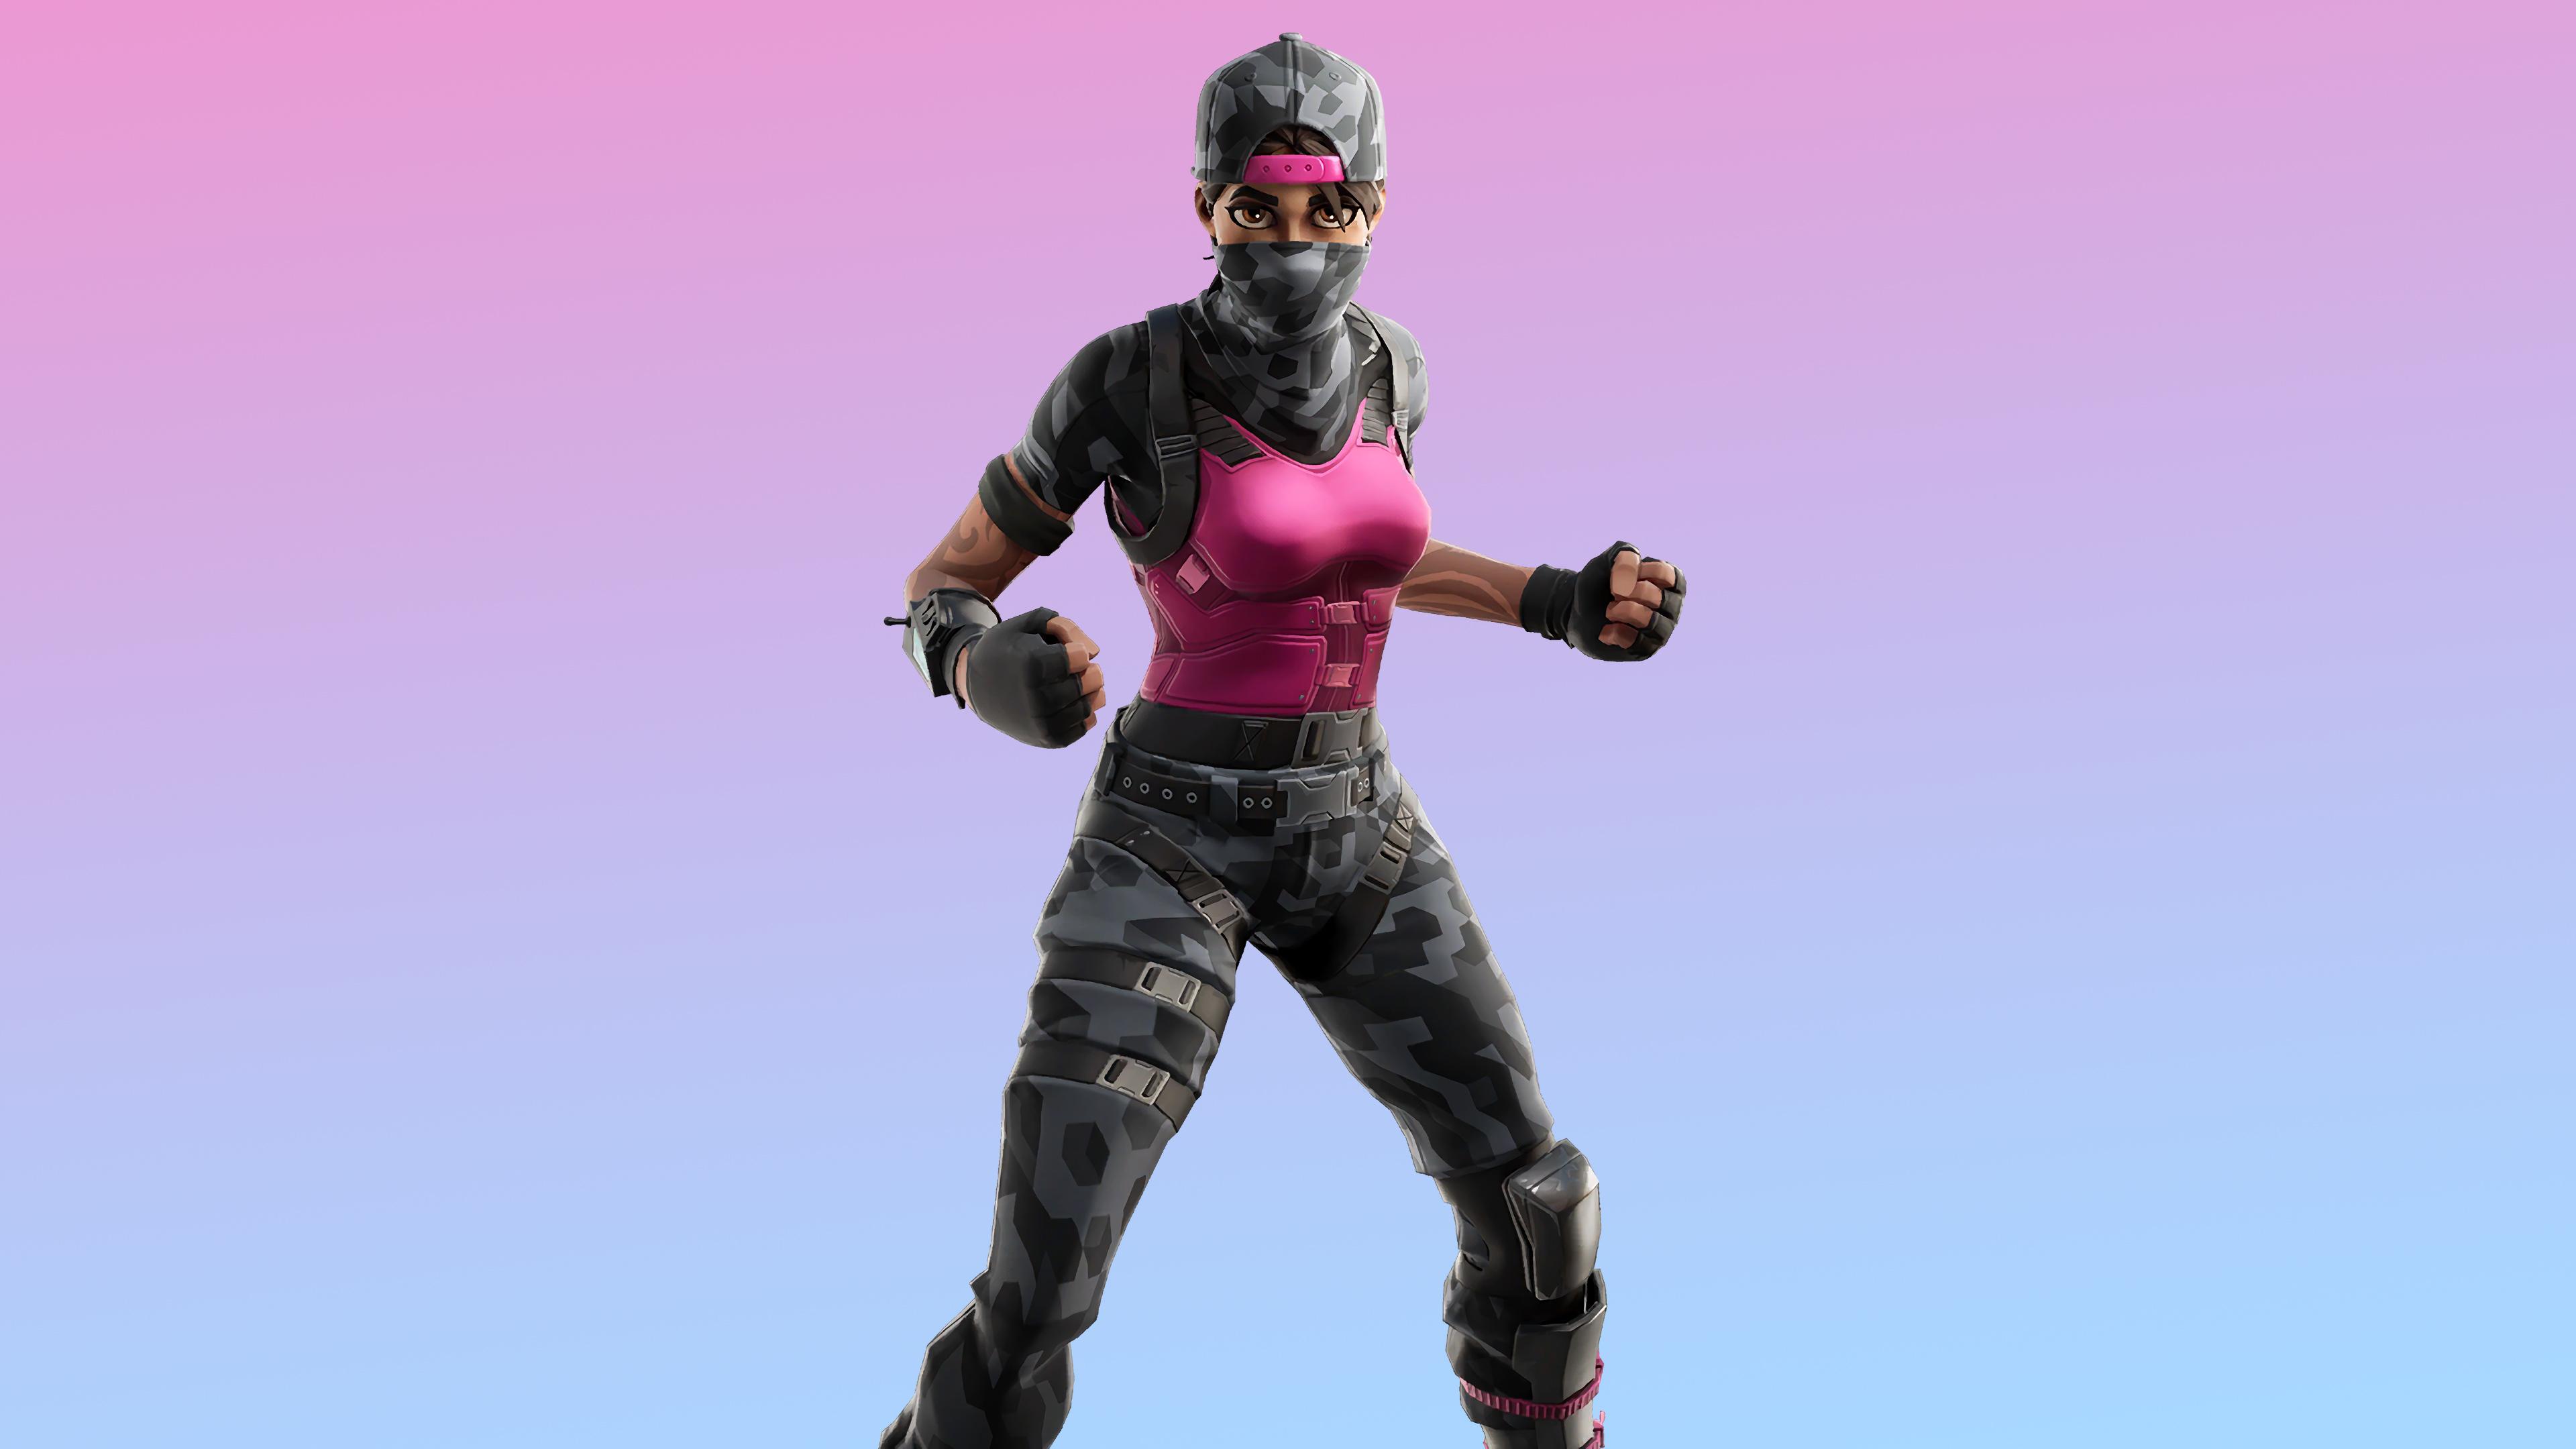 Recon Ranger Fortnite 4K Wallpaper 3500 3840x2160